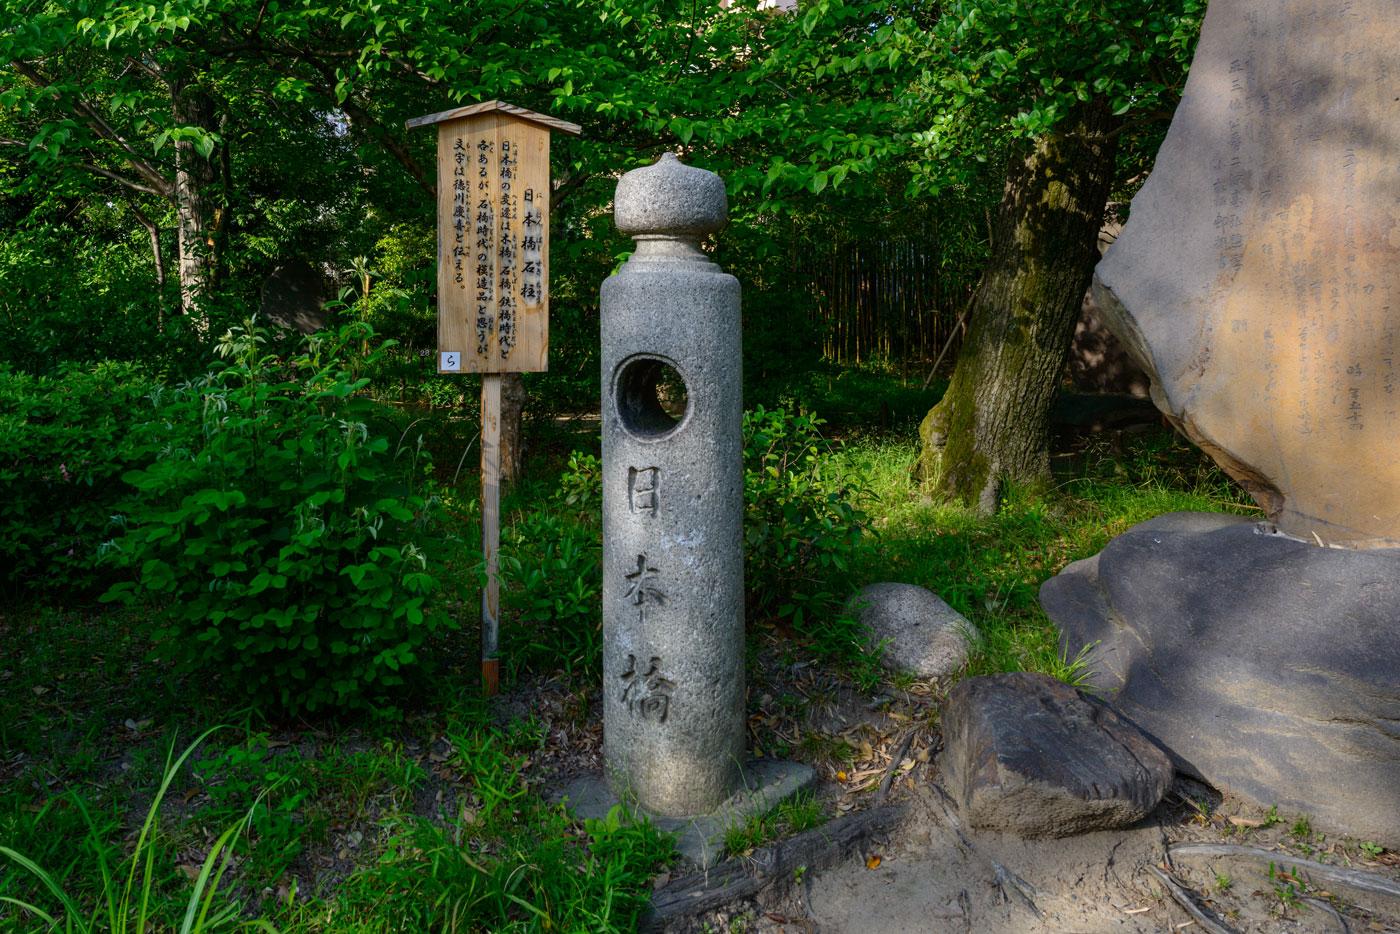 都立向島百花園3(文字は徳川慶喜と伝えられます)